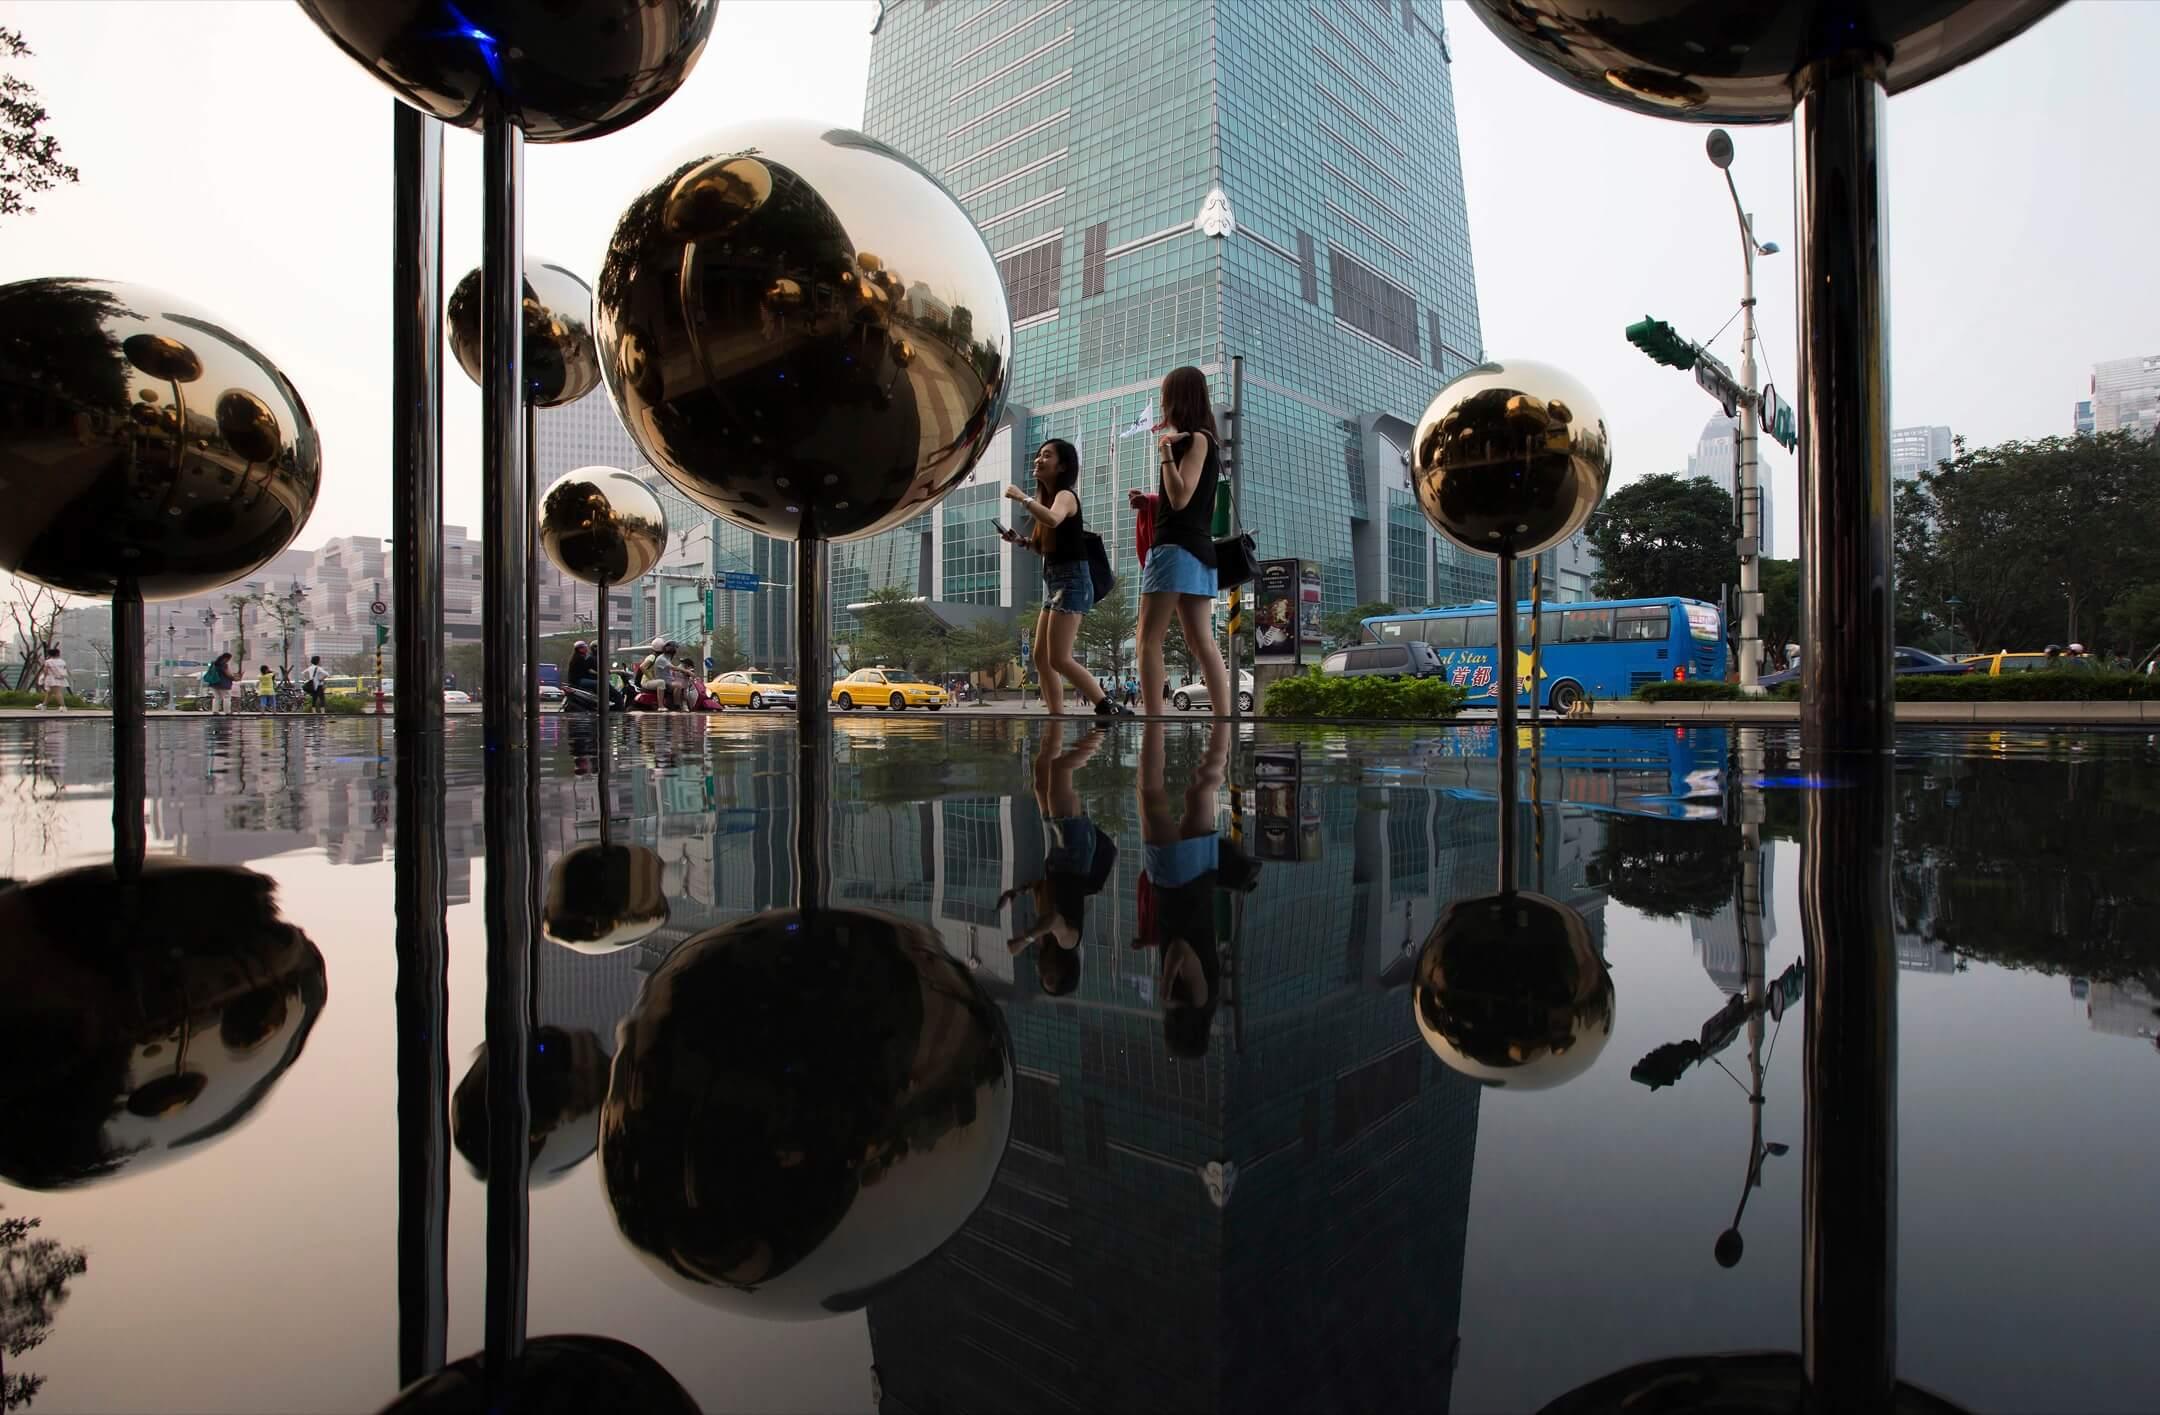 在台灣,有數個民間組織積極推廣與「美感教育」有關的計劃,把「美感」展現於菜市場、變電箱、公園等城市空間,甚至是學生手中的教科書上。幾年過去,「美感教育」在台灣逐漸走進了大眾視野之中。 攝:Tomohiro Ohsumi/Bloomberg via Getty Images